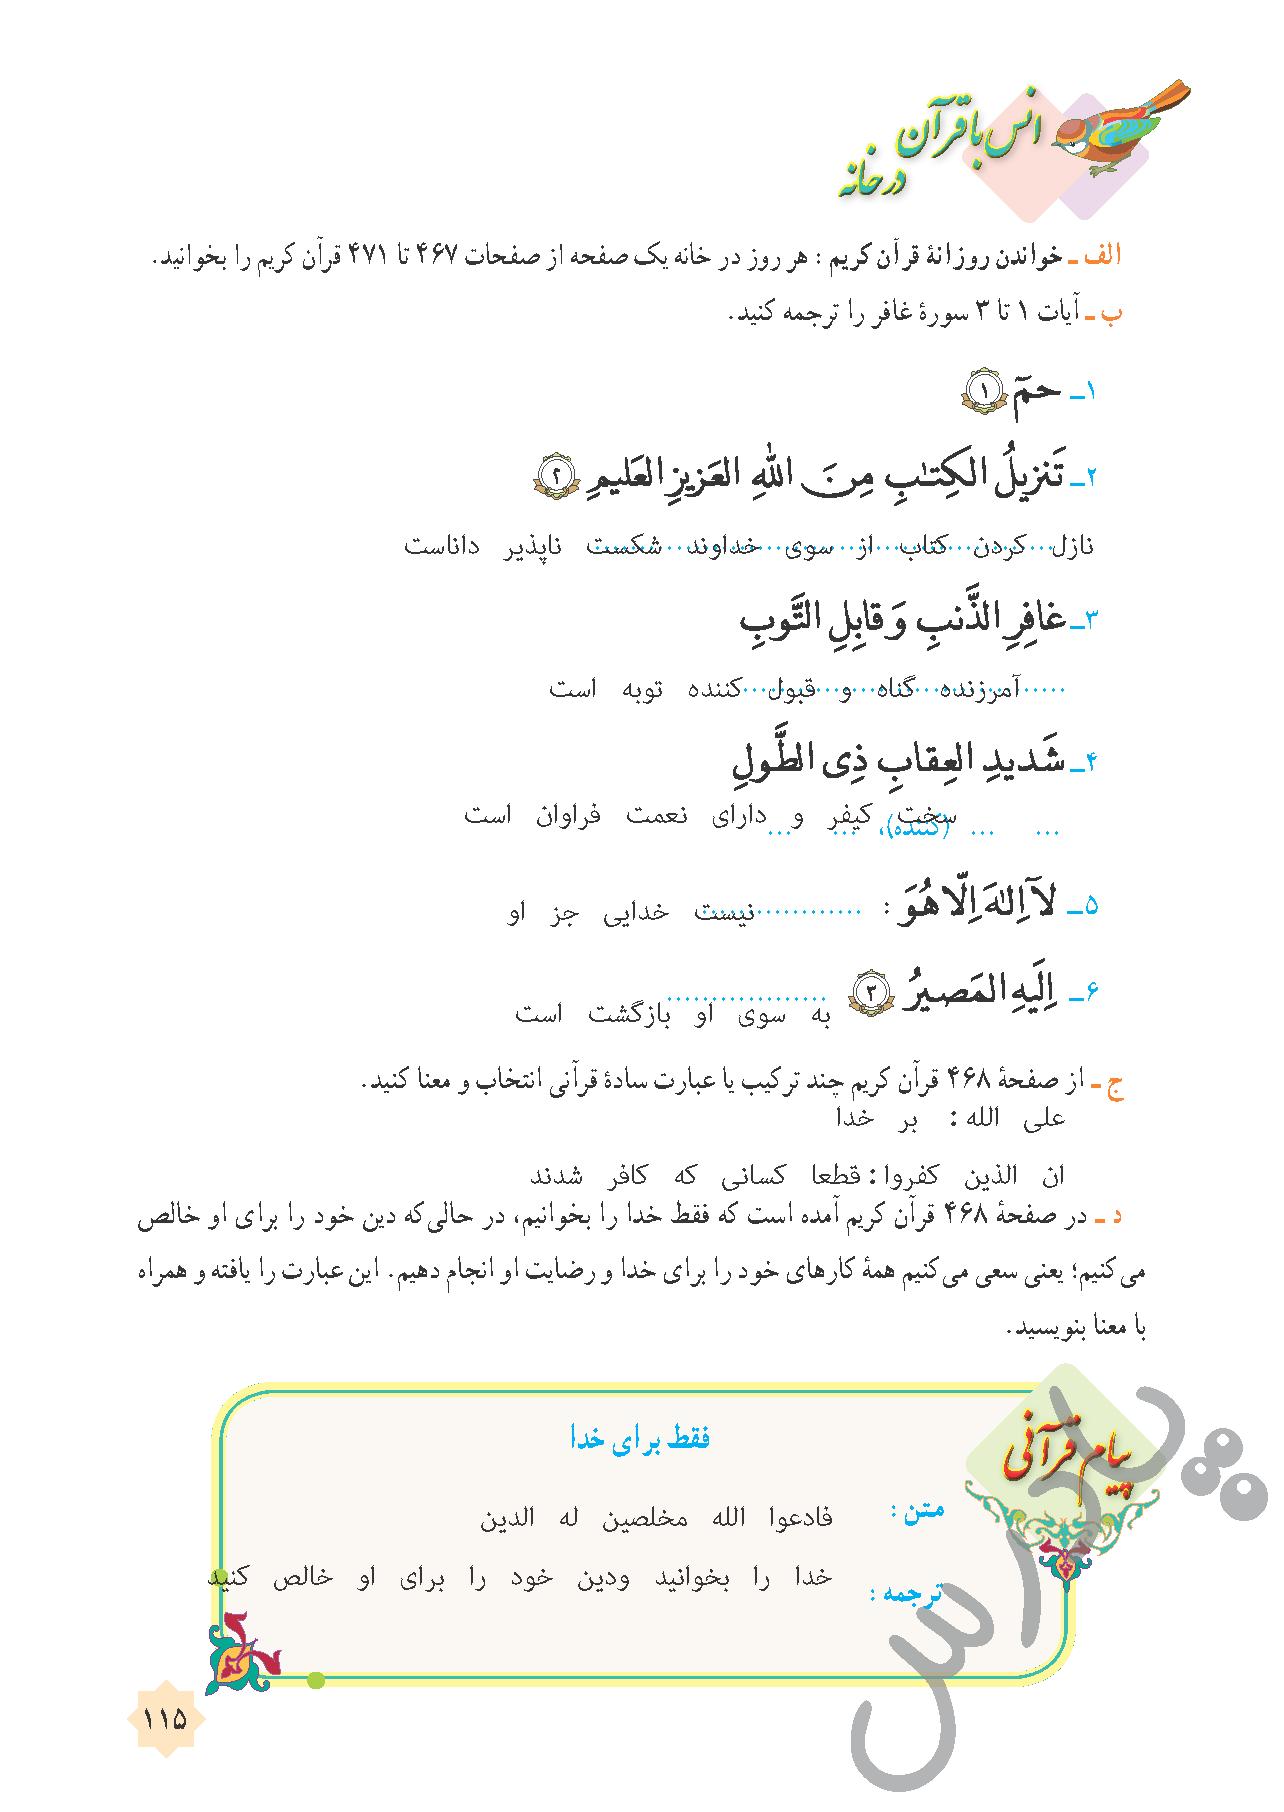 جواب انس با قران درس 12 قرآن هشتم - جلسه اول